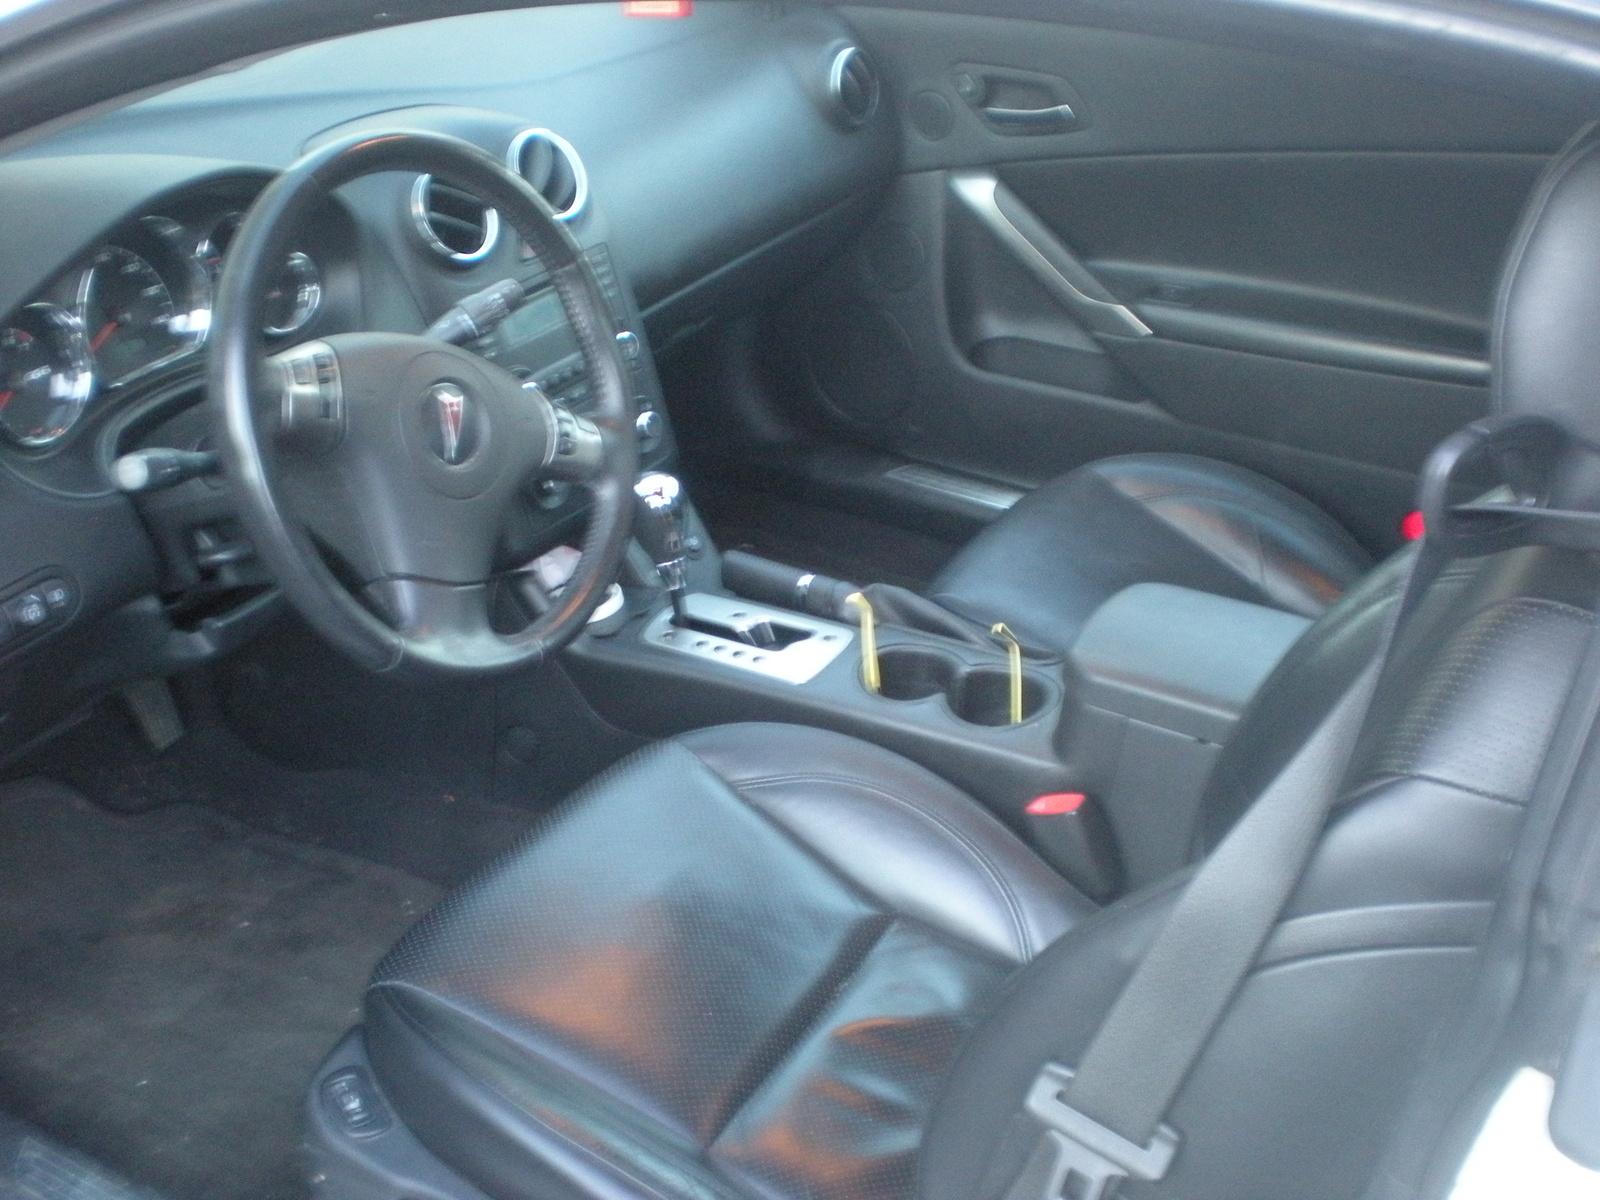 2008 Pontiac G6 Interior Pictures Cargurus